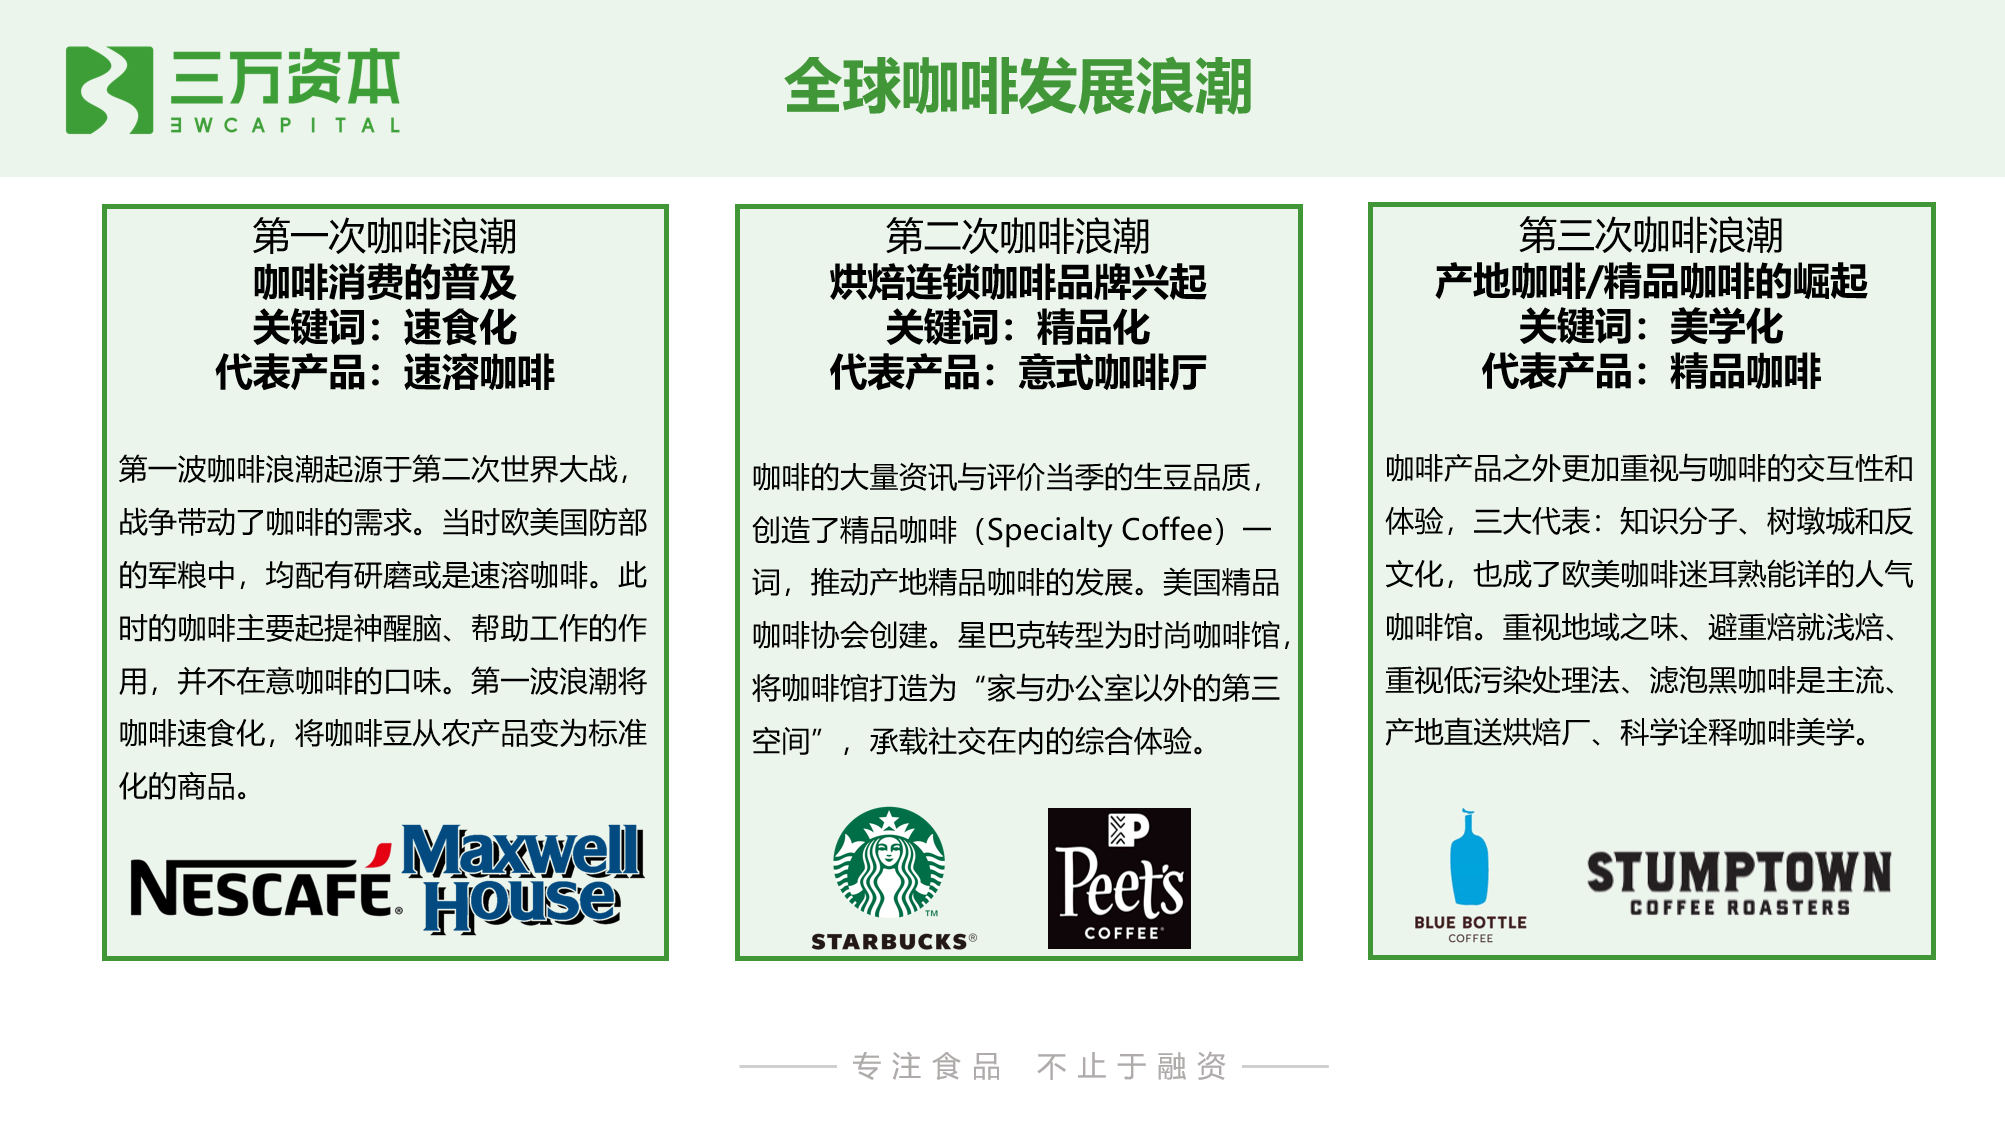 10家店估值7个亿,高手云集的咖啡赛道还有哪些新机会?